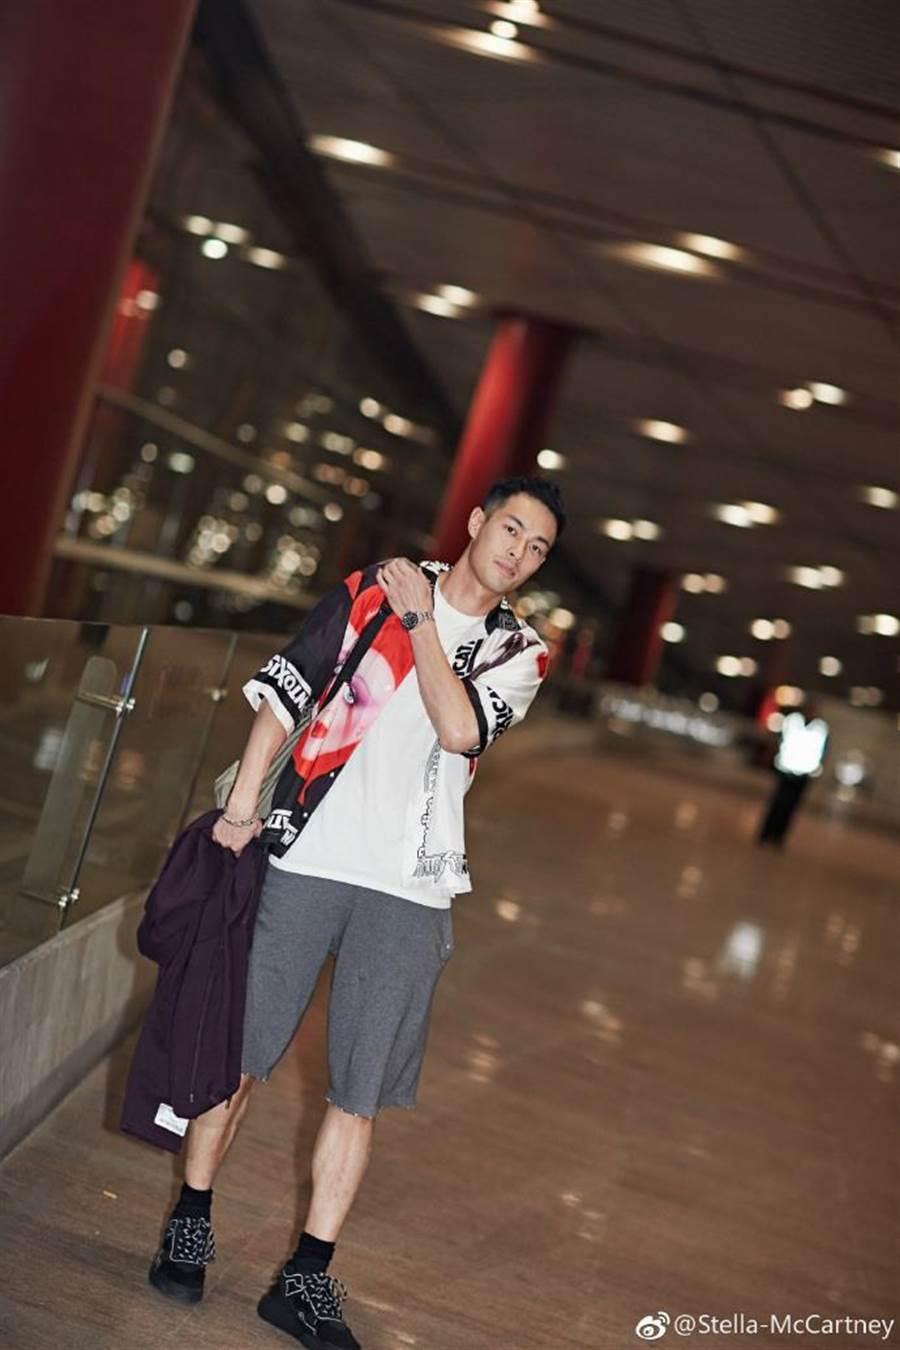 台灣代表楊祐寧受Stella McCartney之邀參加米蘭時裝周,並身著品牌2018春夏印花短袖襯衫搭配黑色Loop運動鞋現身機場。(翻攝自Stella McCartney官方微博帳號)